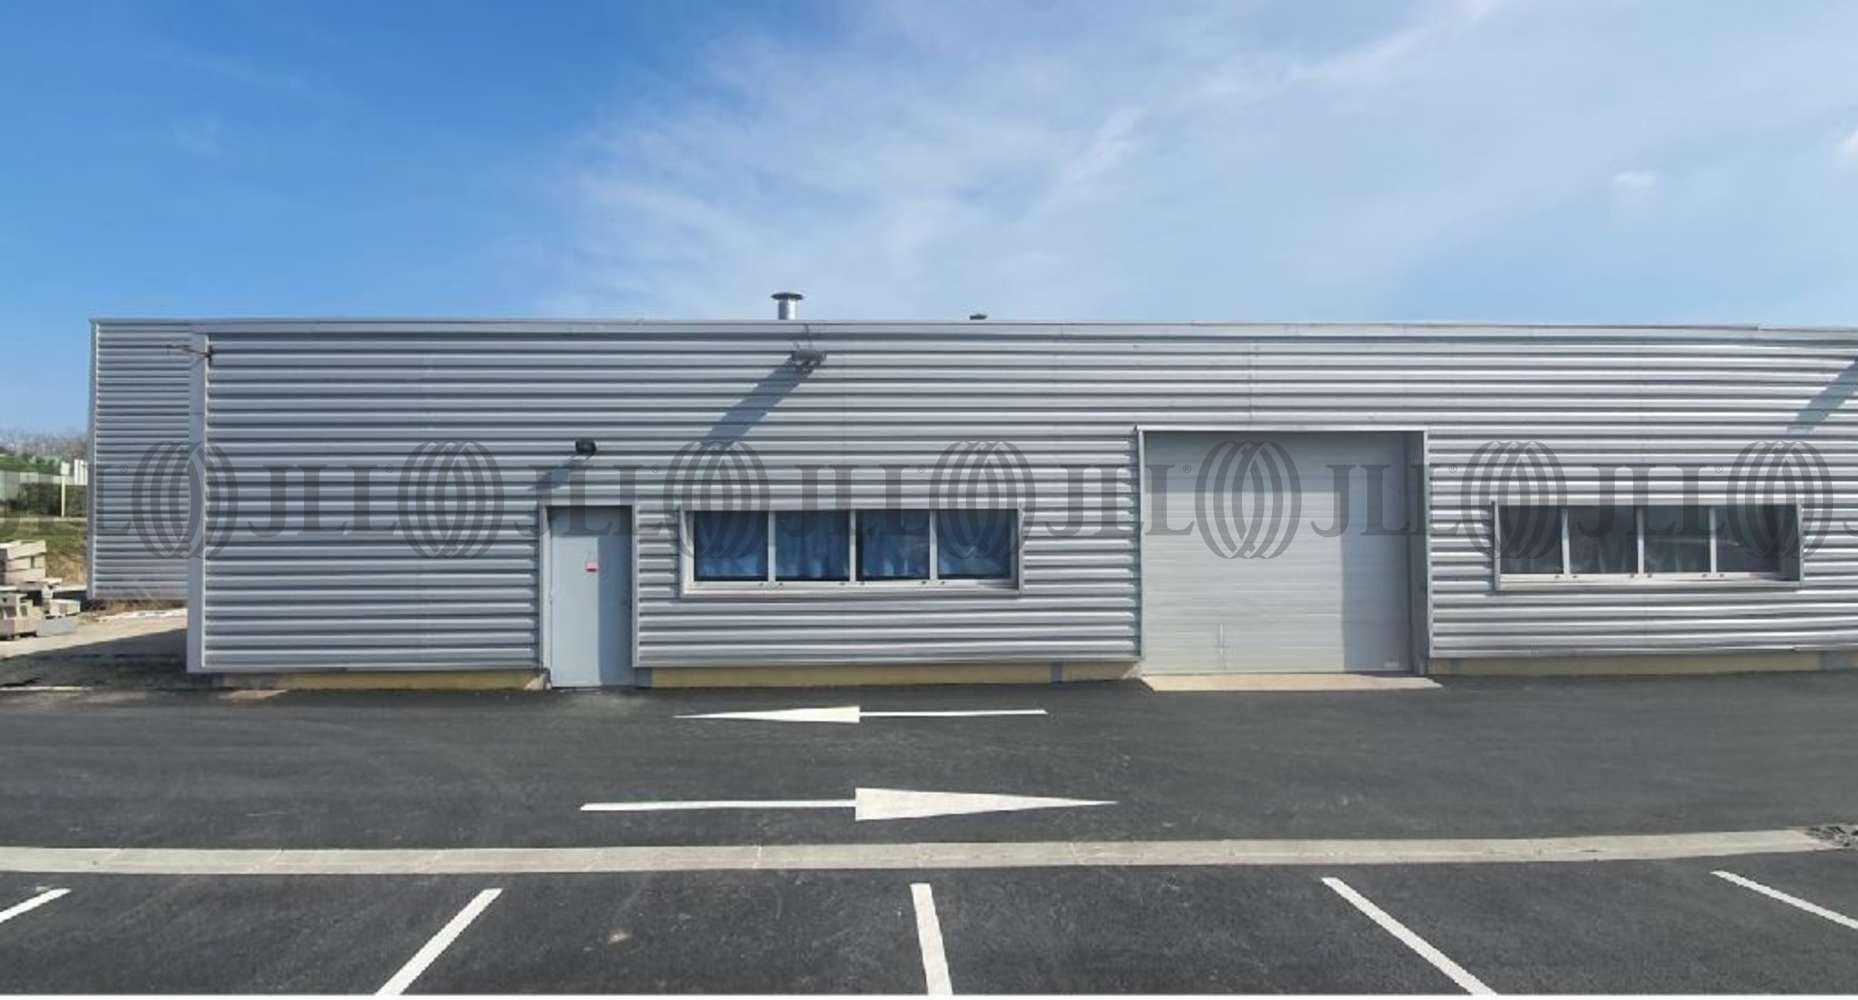 Activités/entrepôt Mornant, 69440 - MORNANT - PROXIMITE AUTOROUTE A450